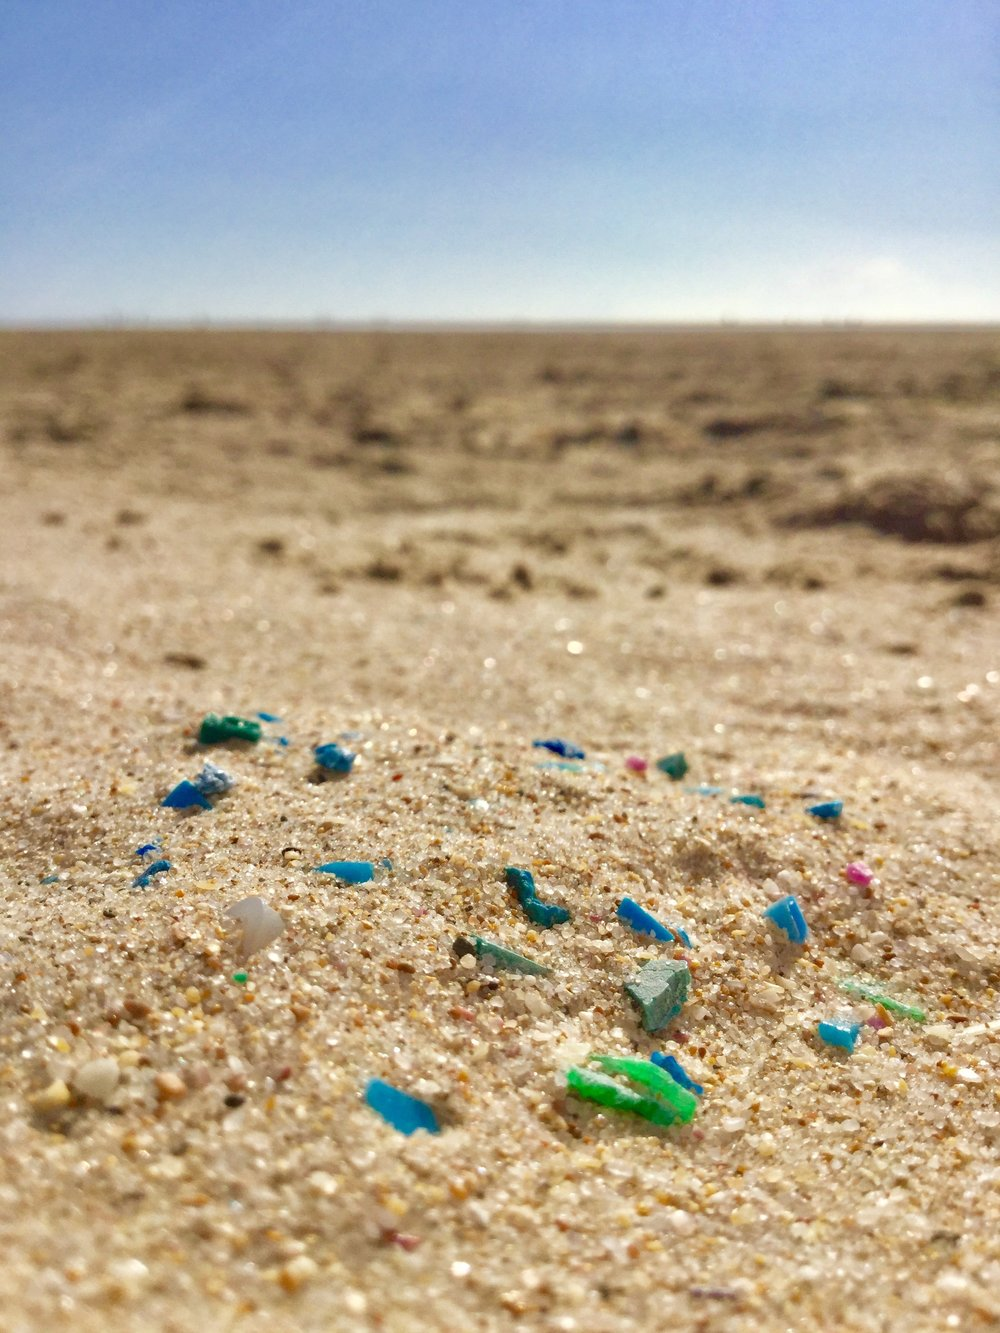 Vores Mission - Er at holde strandene langs den jyske vestkyst fri for plastik og sætte fokus på plastforurening lokalt såvel som globalt.I STRANDET indsamler vi havplast langs Vestkysten. Samtidig arbejder vi for at give strandet havplast ny værdi. Gennem vidensdeling, test og innovativ produktudvikling vil vi vise, at plast ikke hører til i naturen, men er en ressource der kan og skal genanvendes.Læs om havplast langs Vestkysten